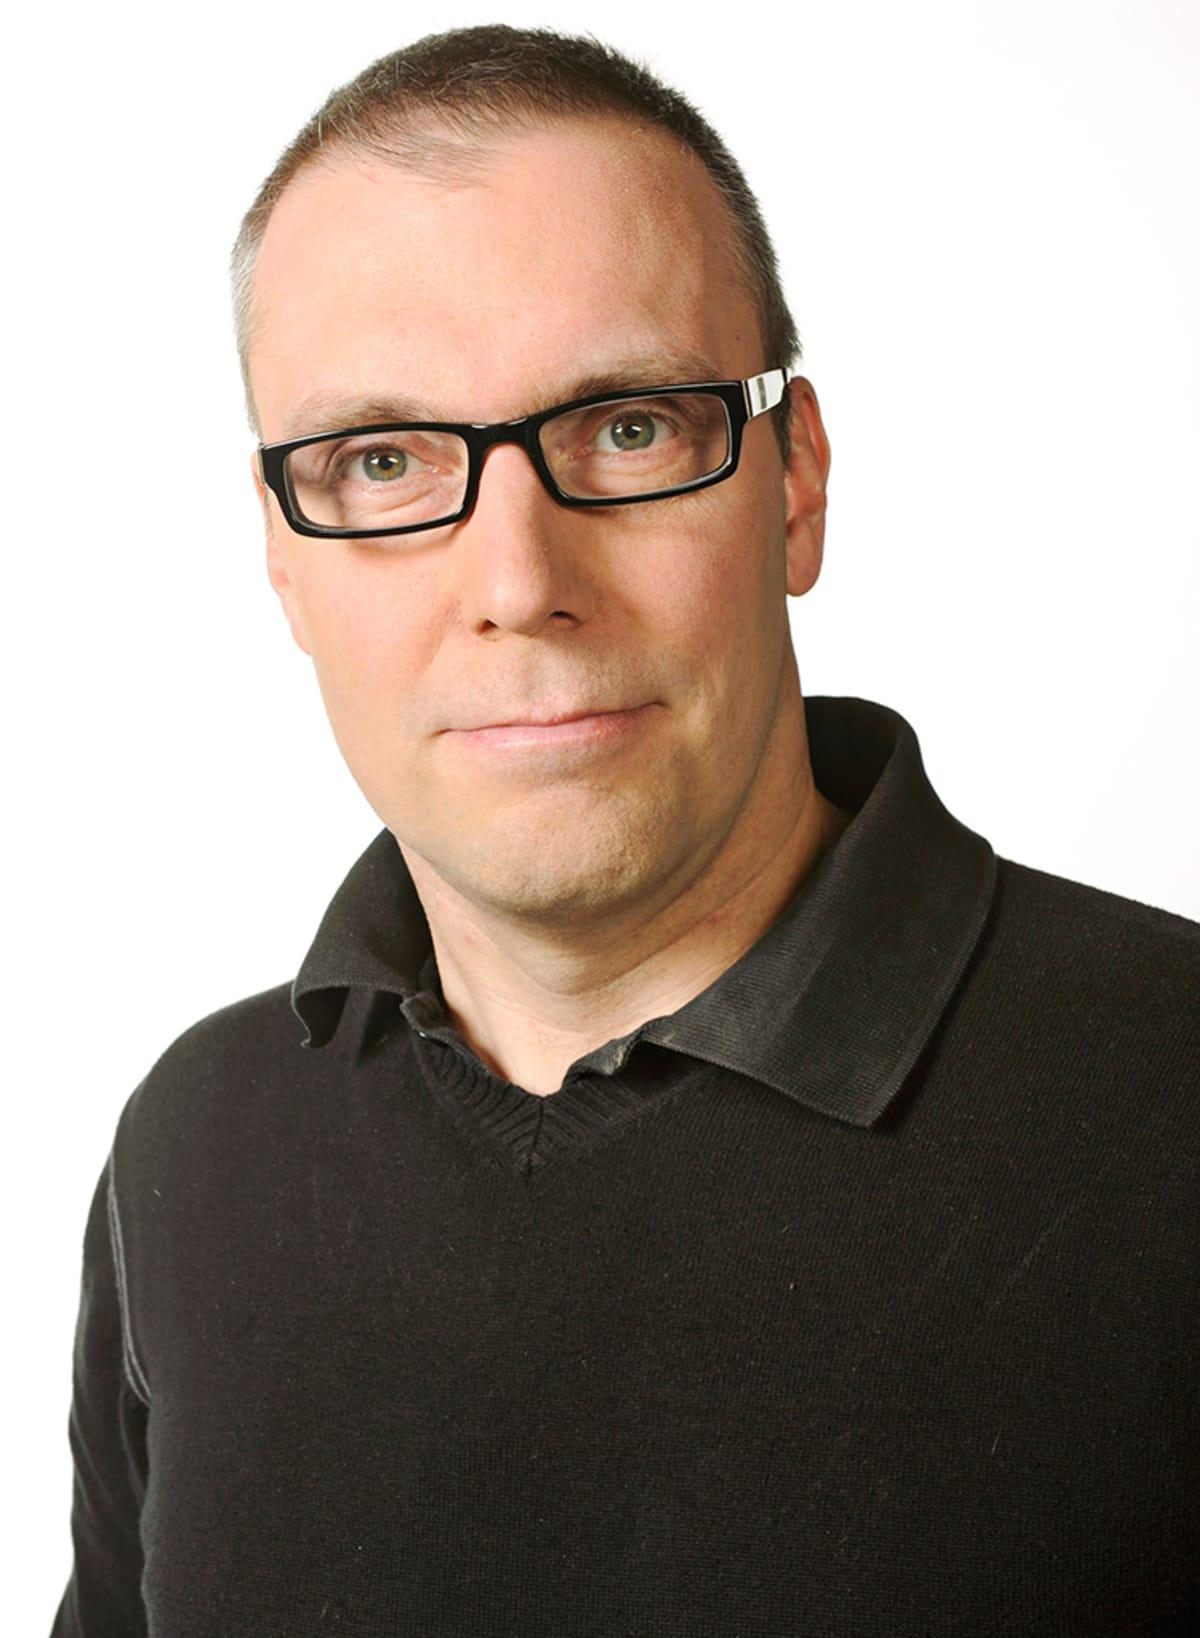 Dan Ekholm